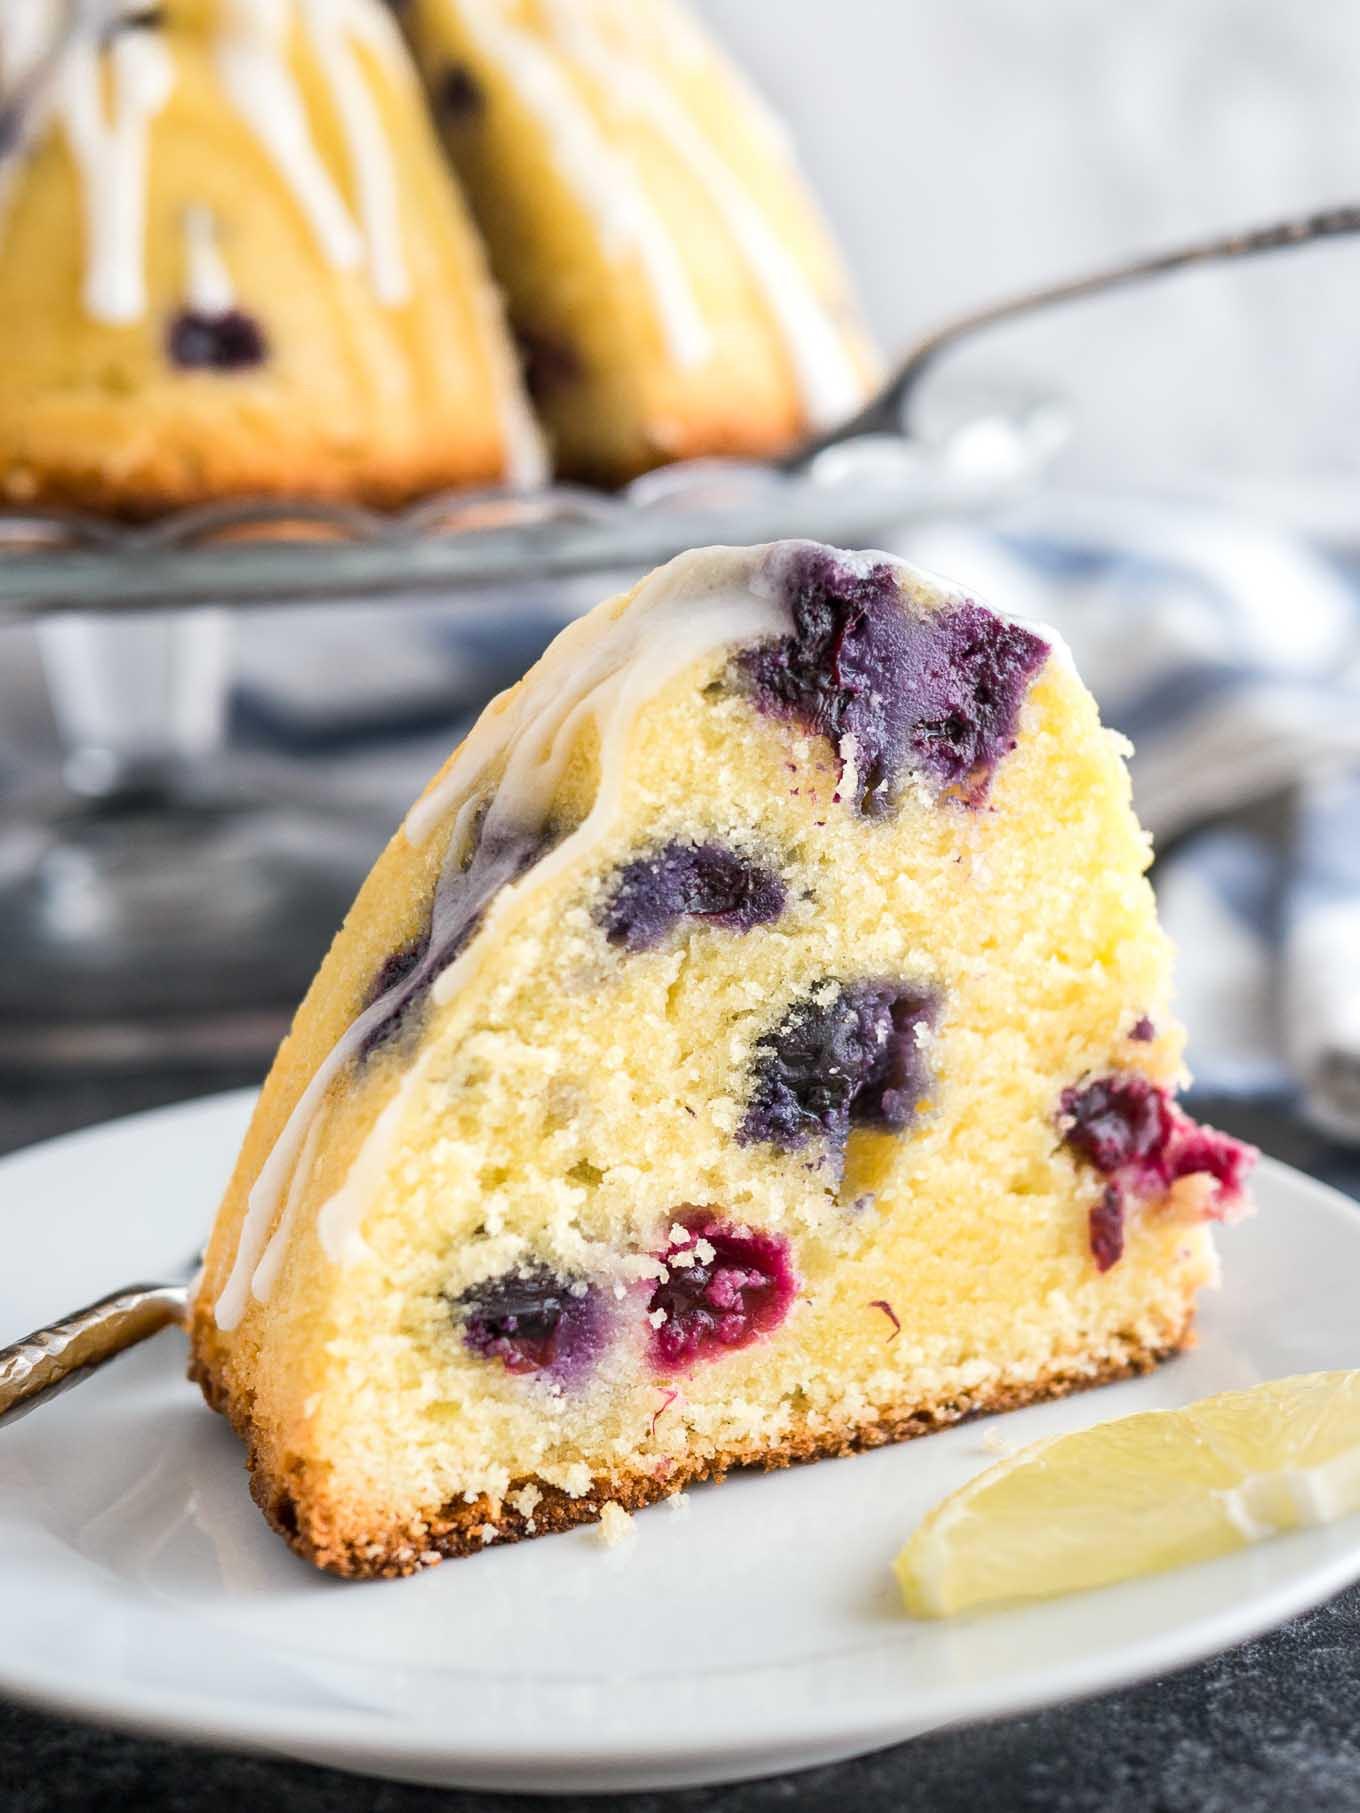 Lemon Bundt Cake From Cake Mix  lemon blueberry bundt cake using cake mix